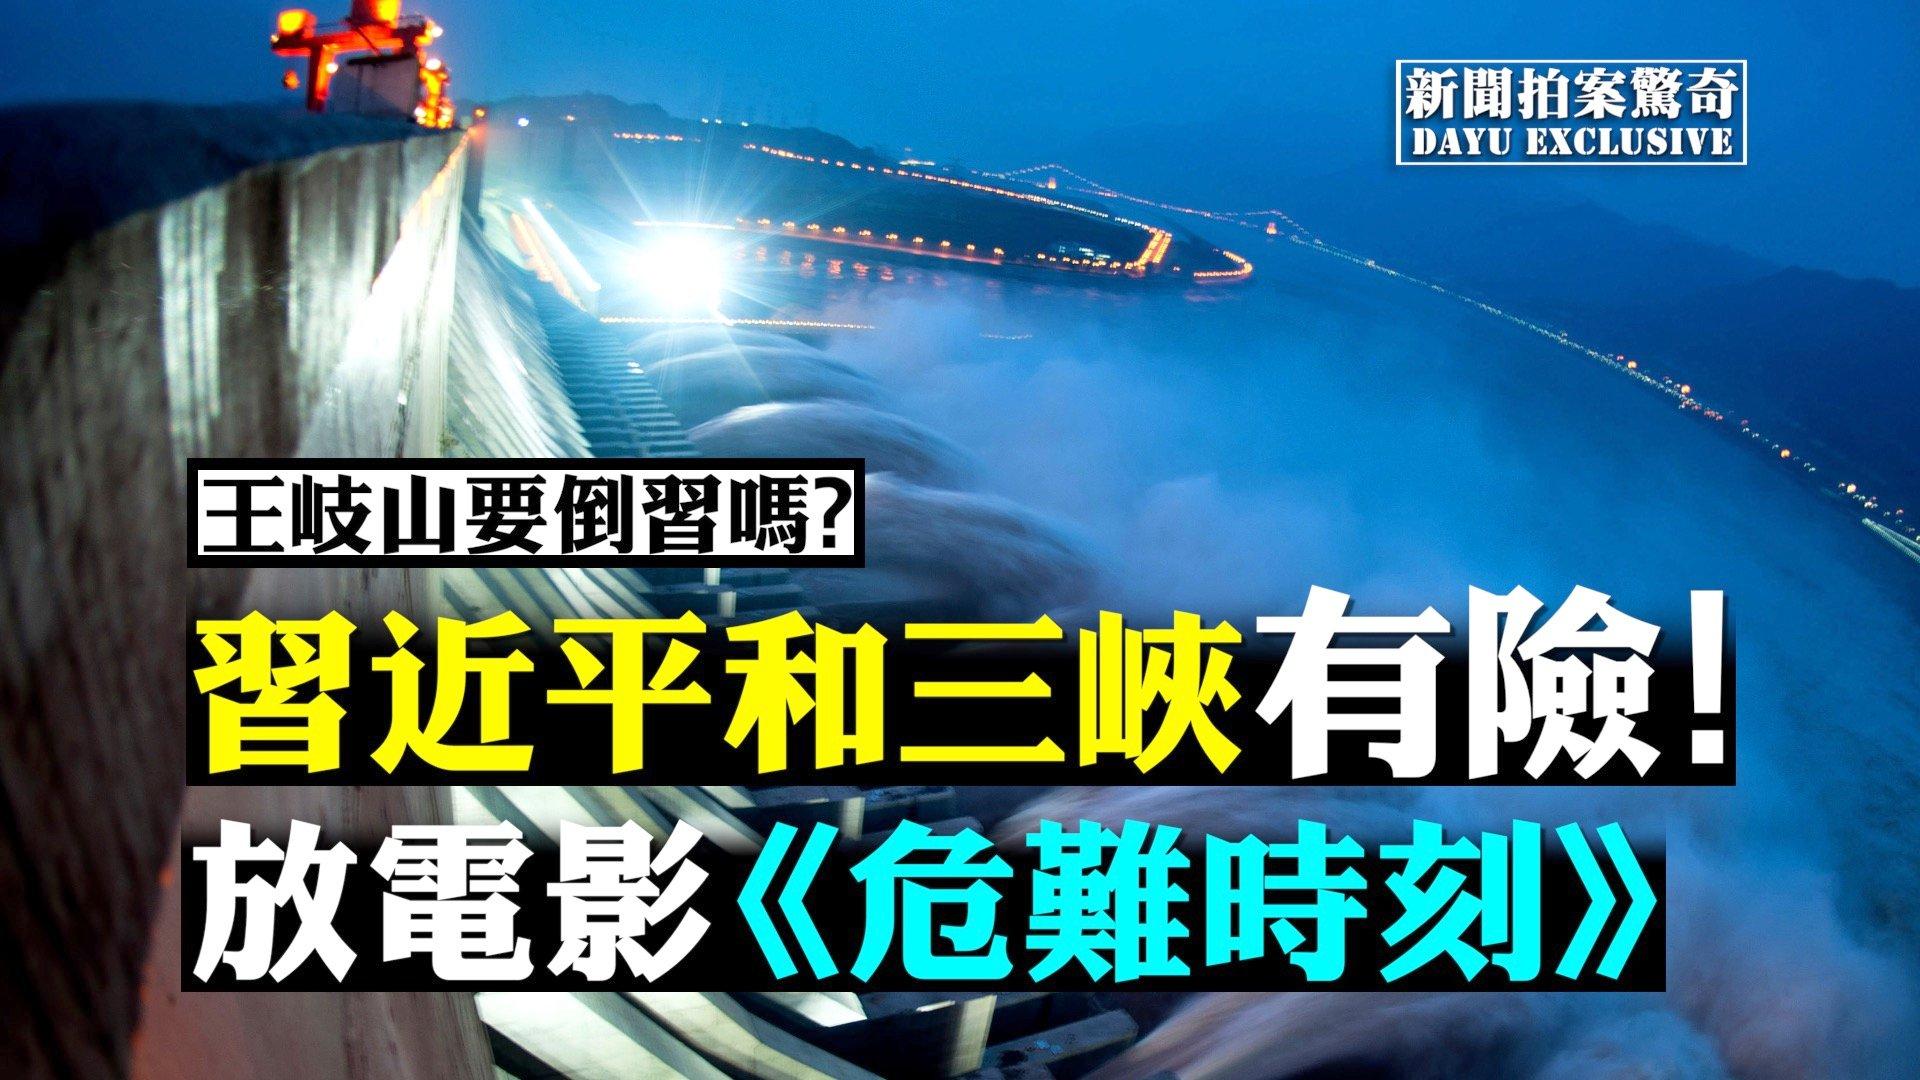 陽光衛視老闆陳平,在網上轉發《召開政治局擴大會議建議》,因為涉及倒習,內容火藥味十足,引起巨大反響。(新唐人合成)